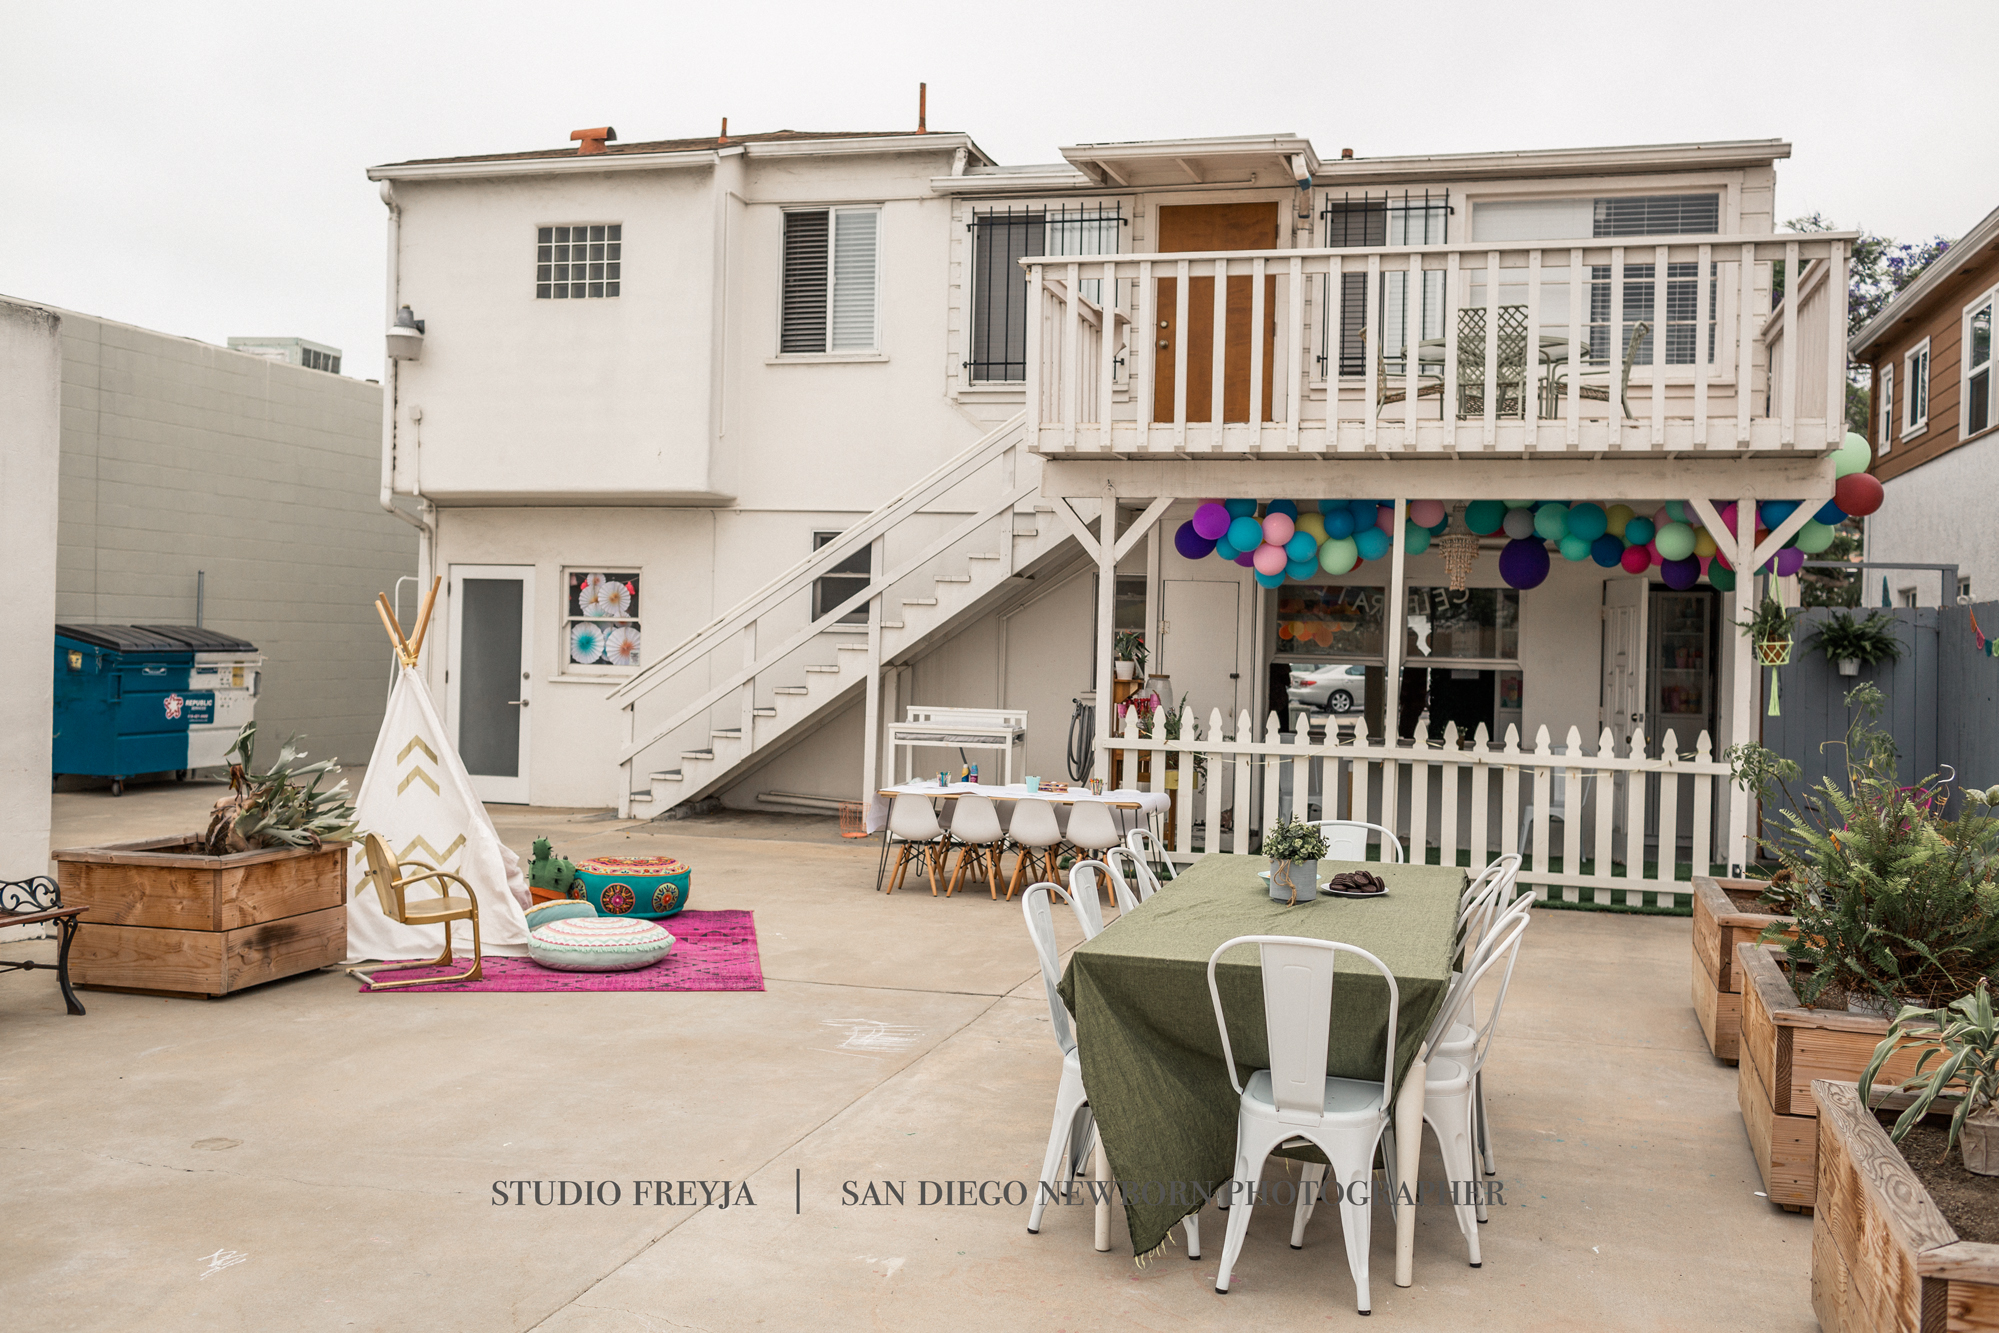 Wee Gather San Diego Party Event Space by San Diego Portrait Photographer Studio Freyja 9.jpg